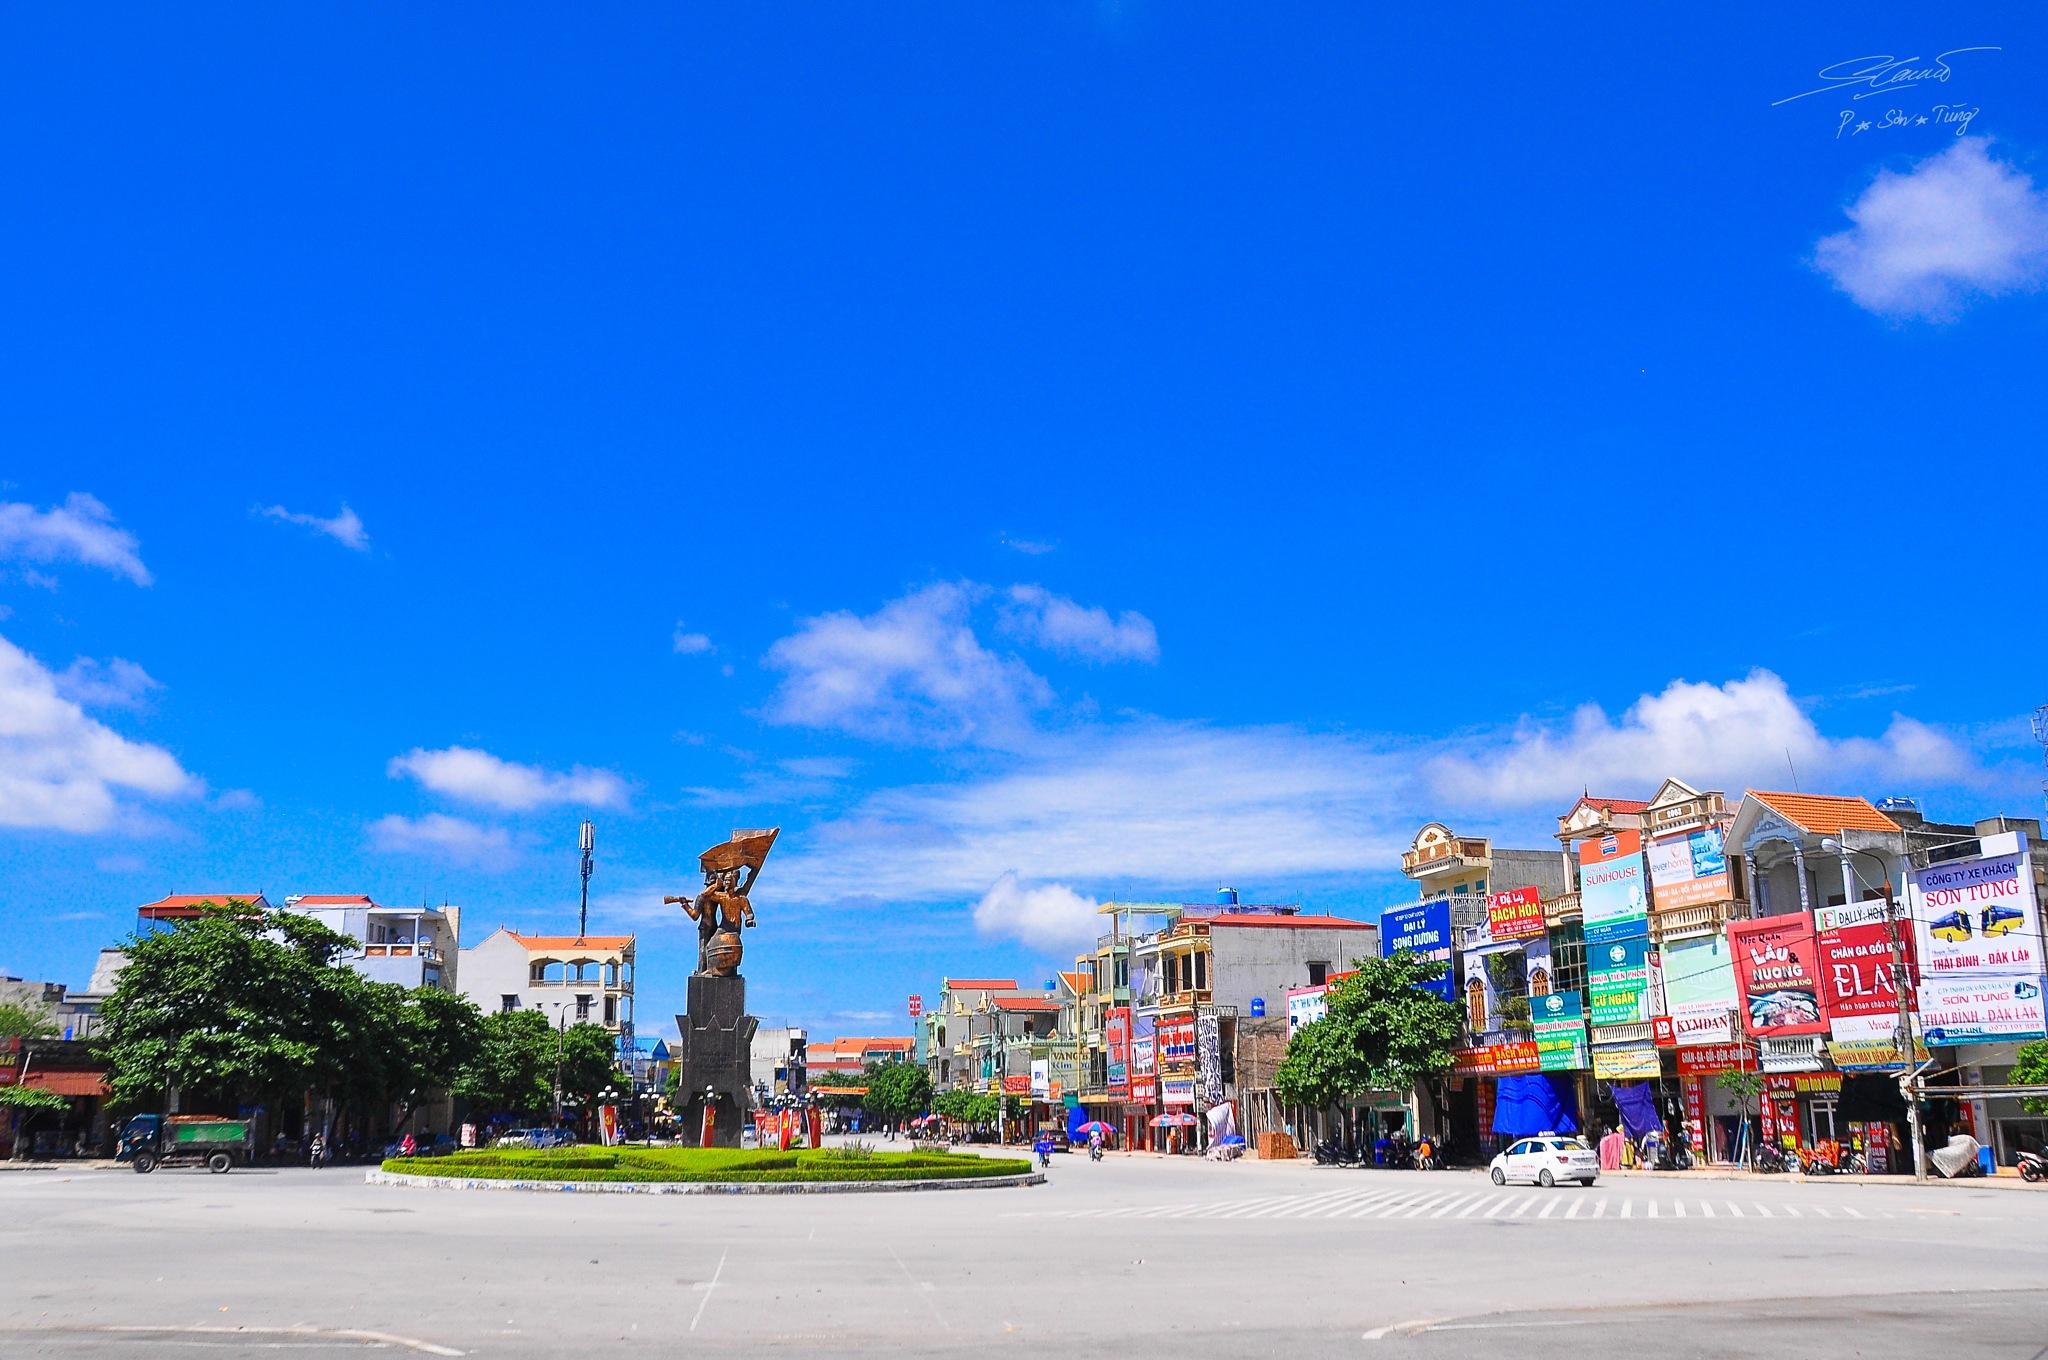 Untitled by Sơn Tùng FX2468